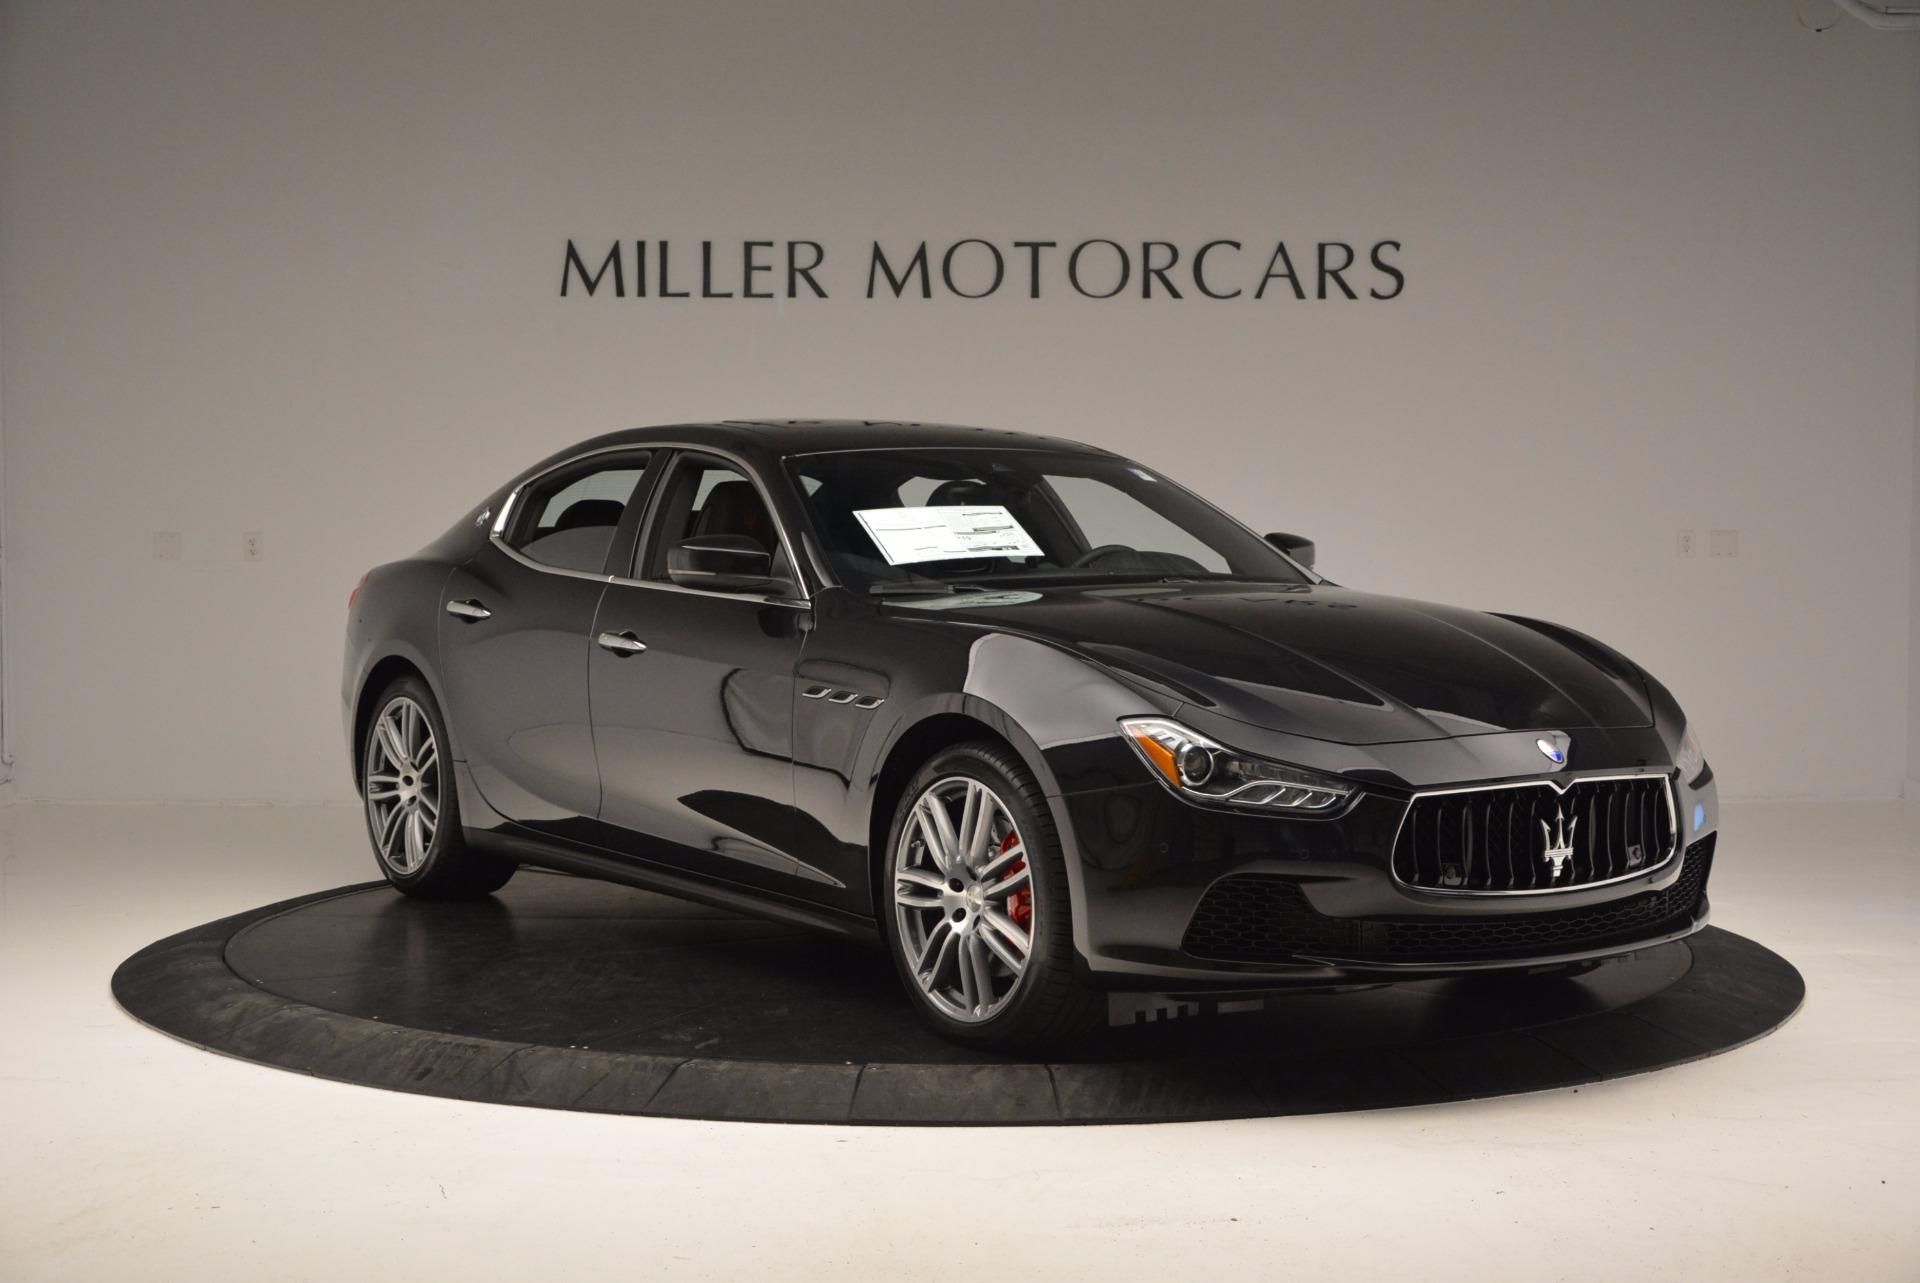 New 2017 Maserati Ghibli S Q4 For Sale In Greenwich, CT 1048_p10